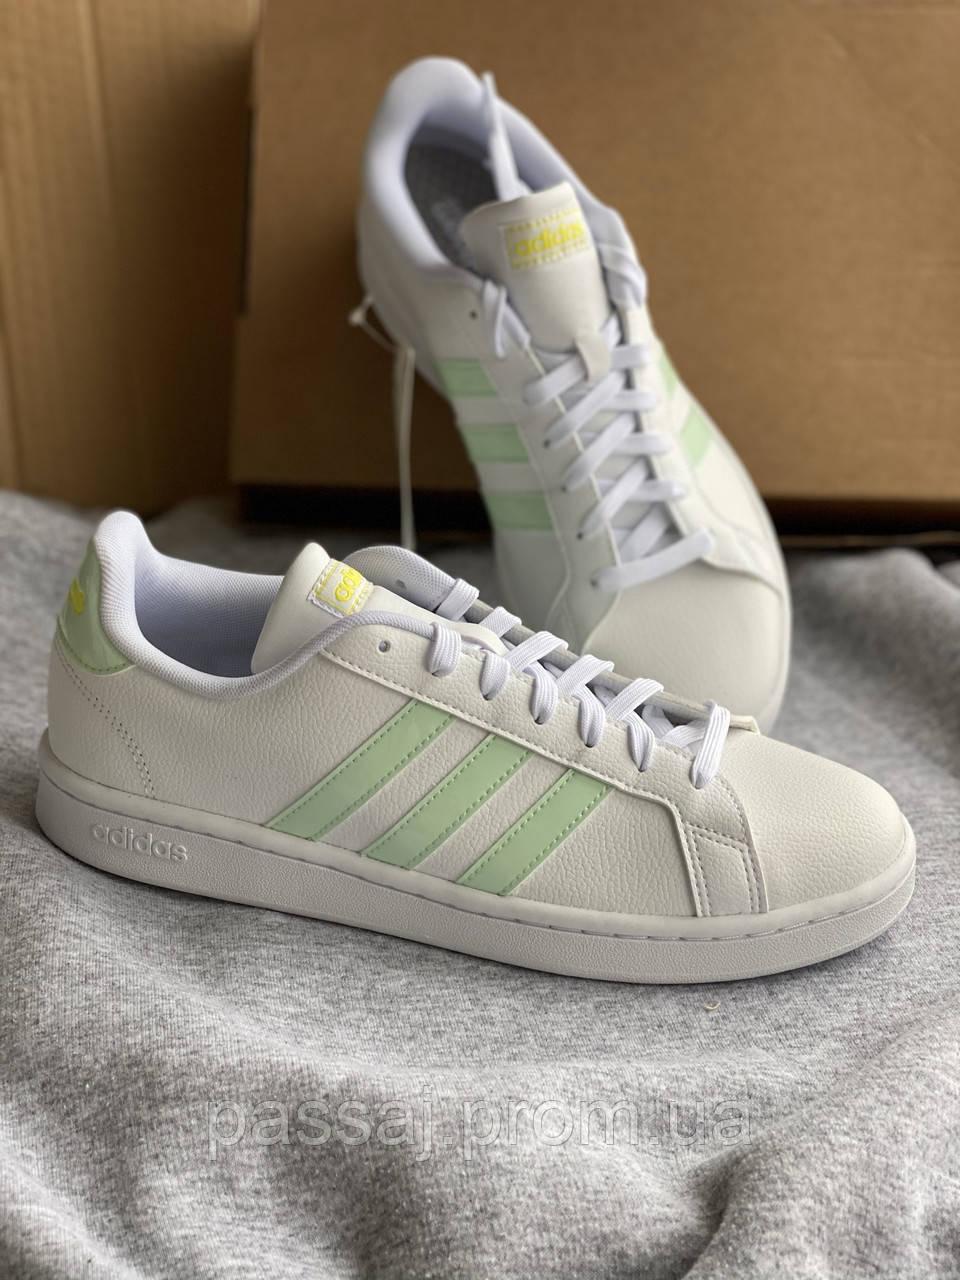 Белые кеды adidas grand court новые из натуральной кожи оригинал